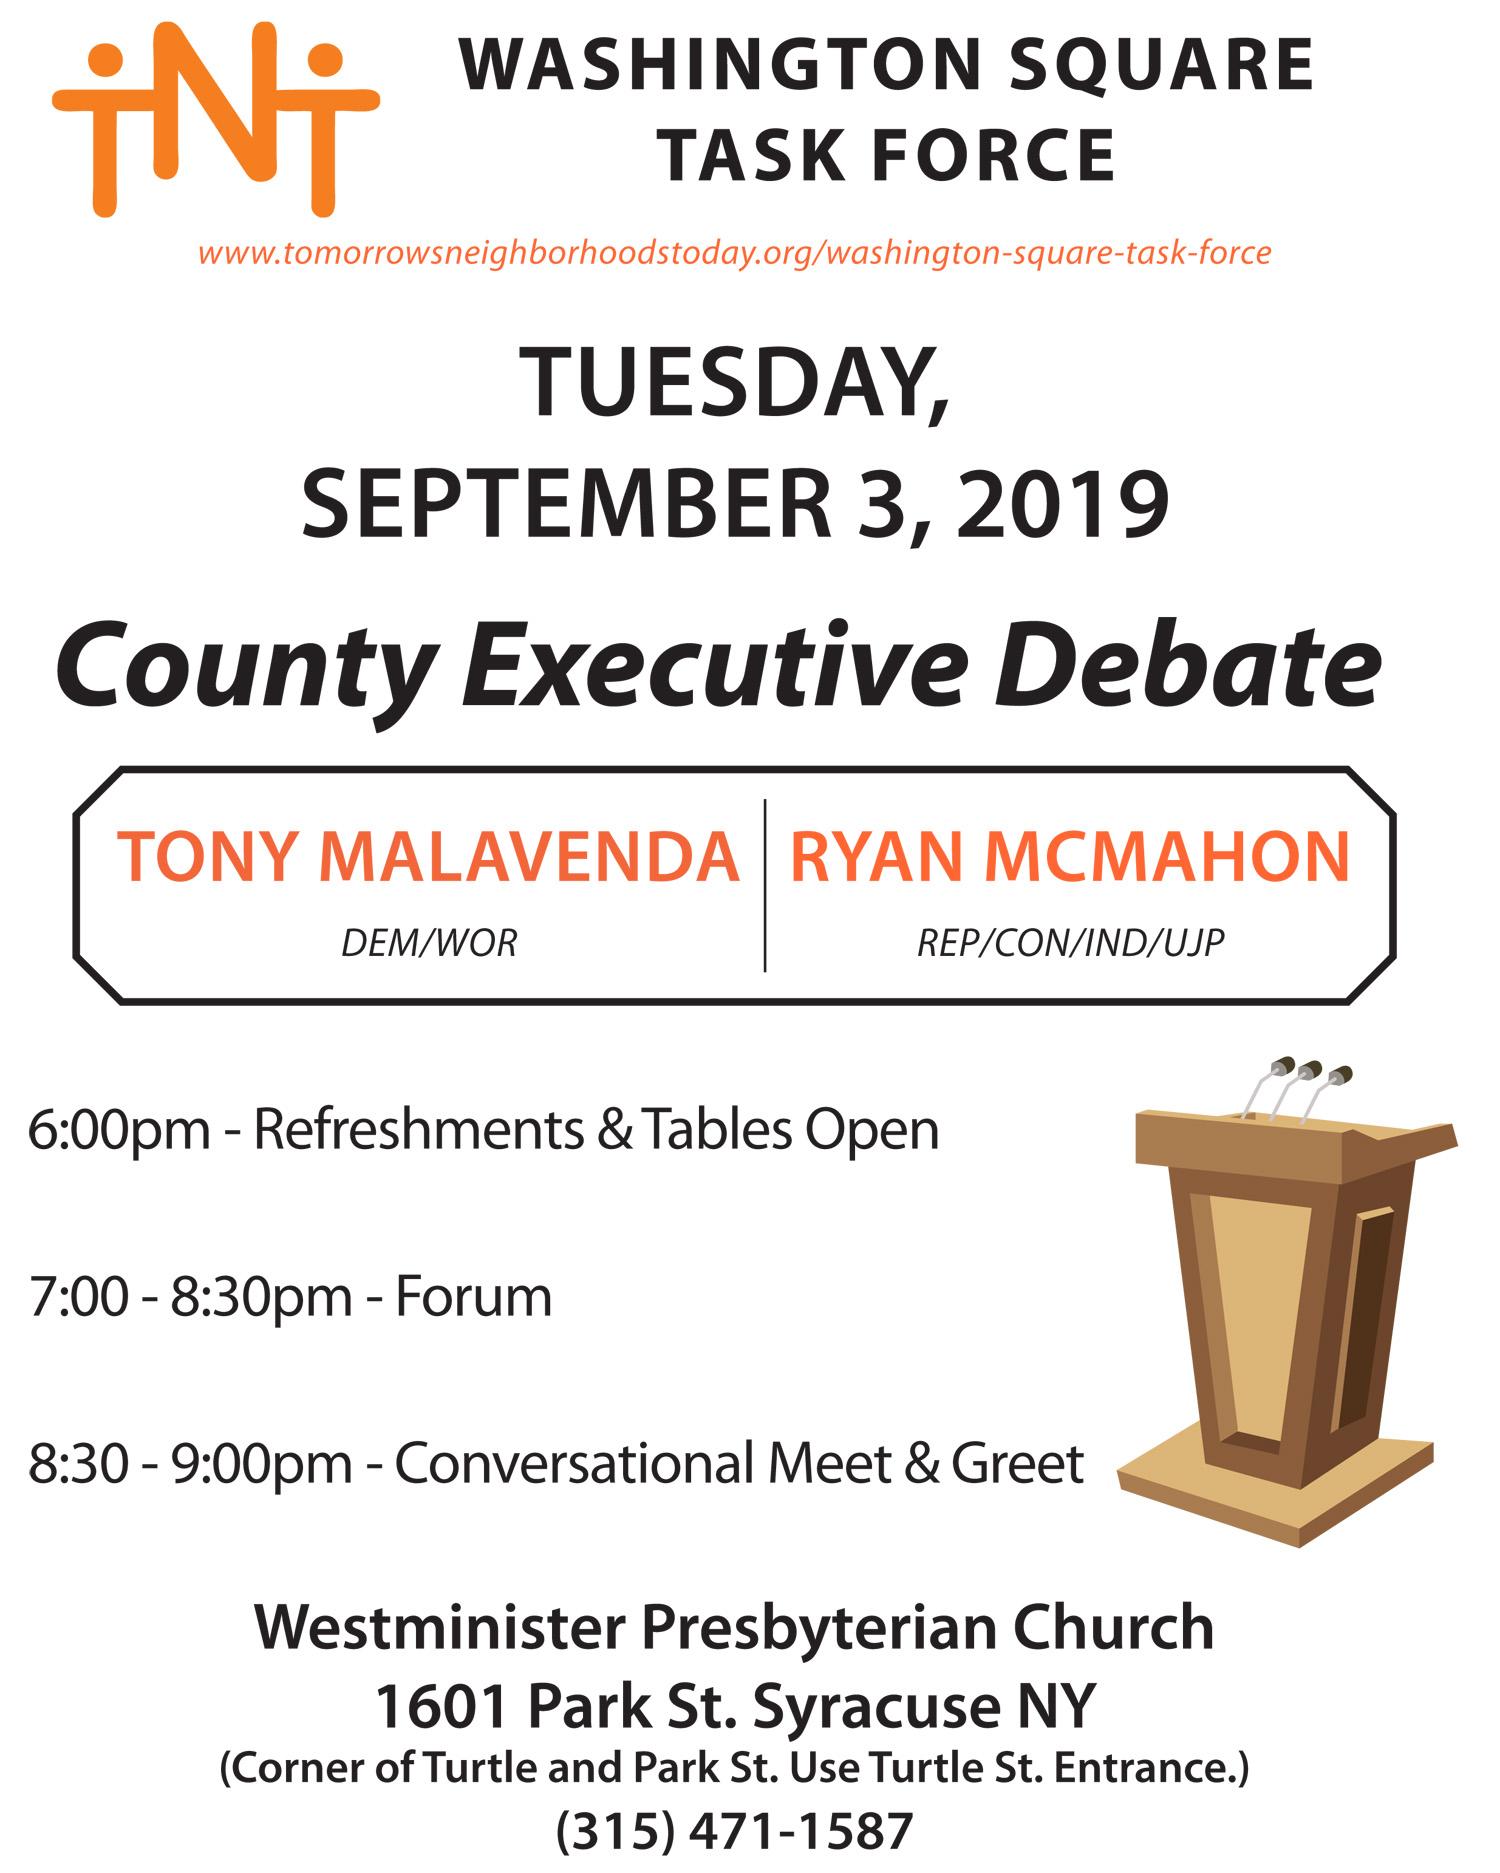 2019_September_Washington Square TF Debate.jpg